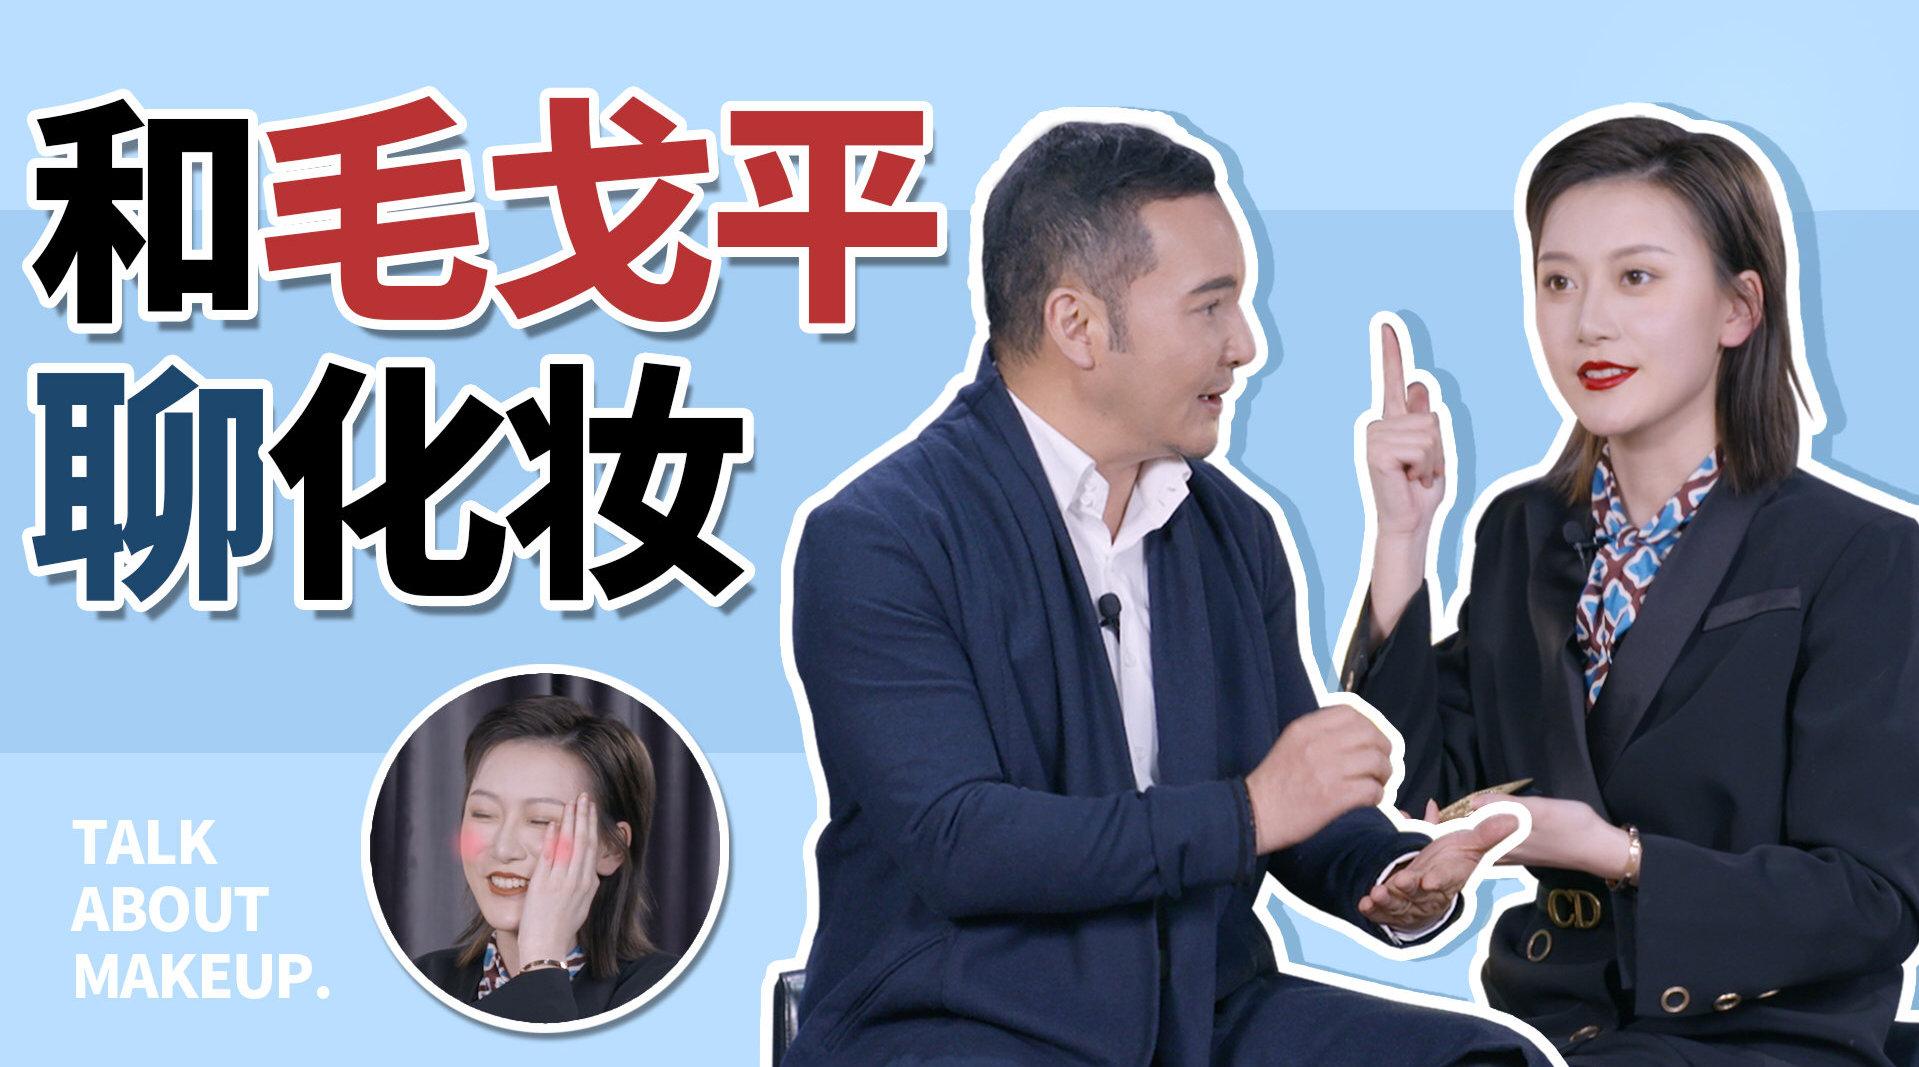 采访毛戈平!彩妆大师的秘技分享!